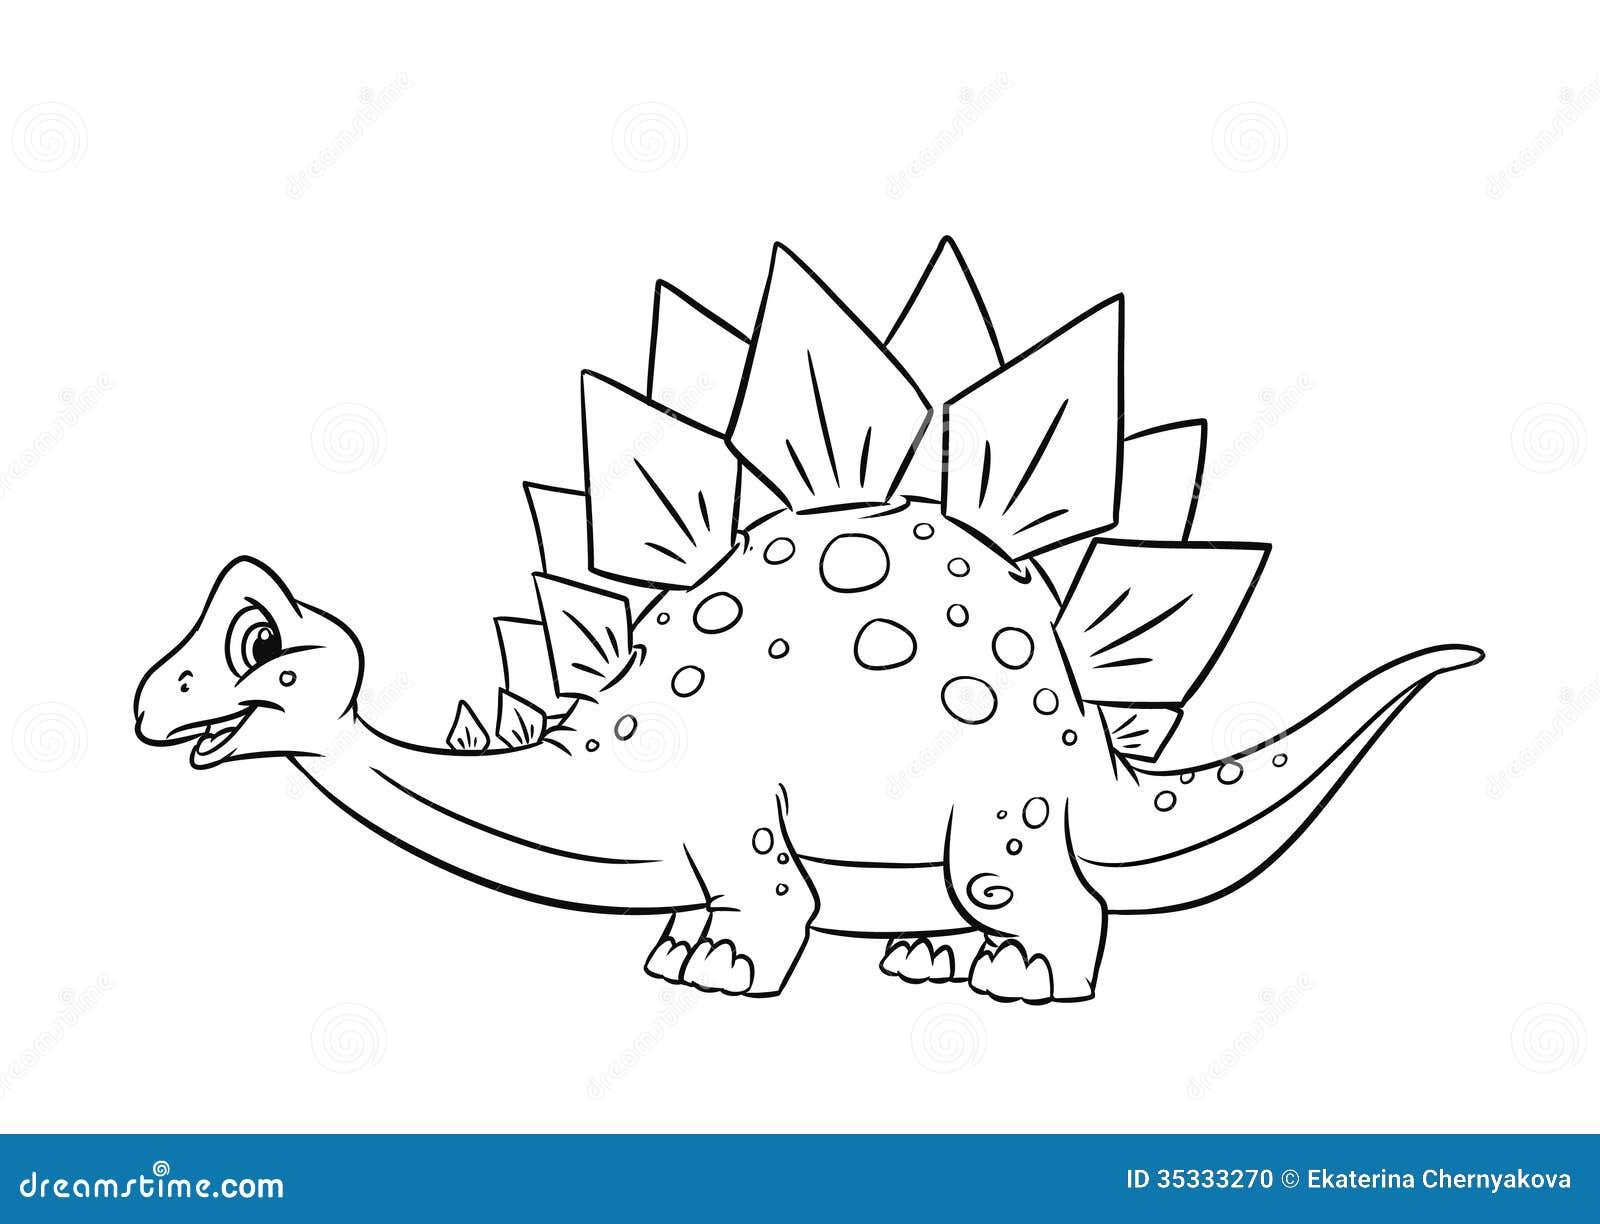 Pagine di coloritura di stegosauro del dinosauro - Stampa pagine da colorare dinosauro ...